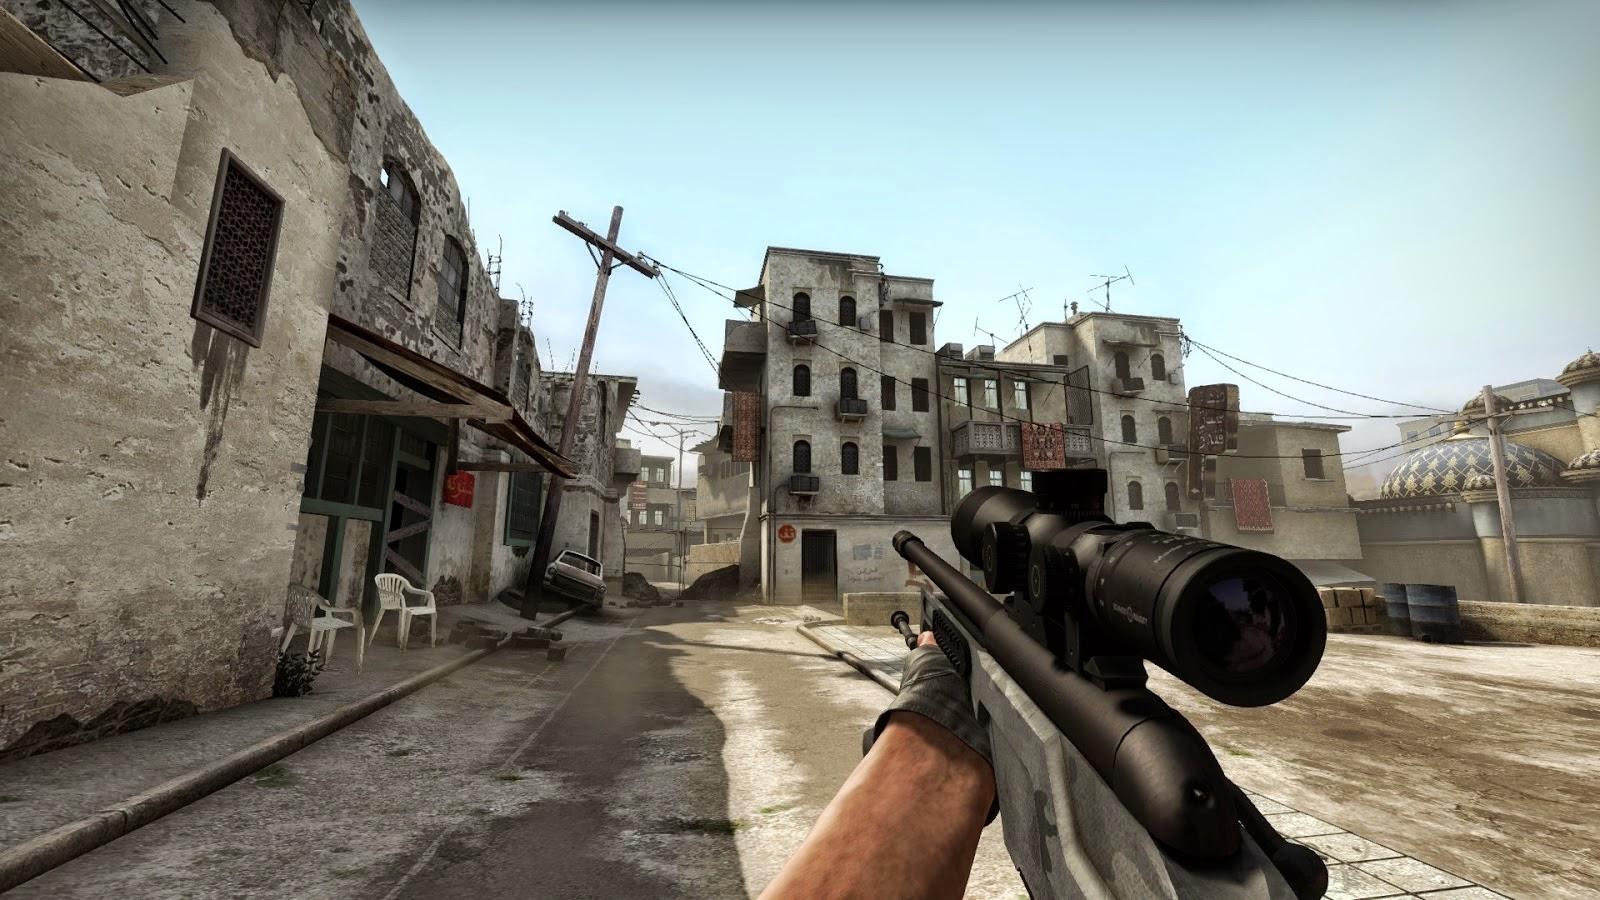 تحميل لعبة الأكشن و الإثارة Counter-Strike Global Offensive Counter-Strike-Global-Offensive-Addon-IIopn-s-SSG08_1